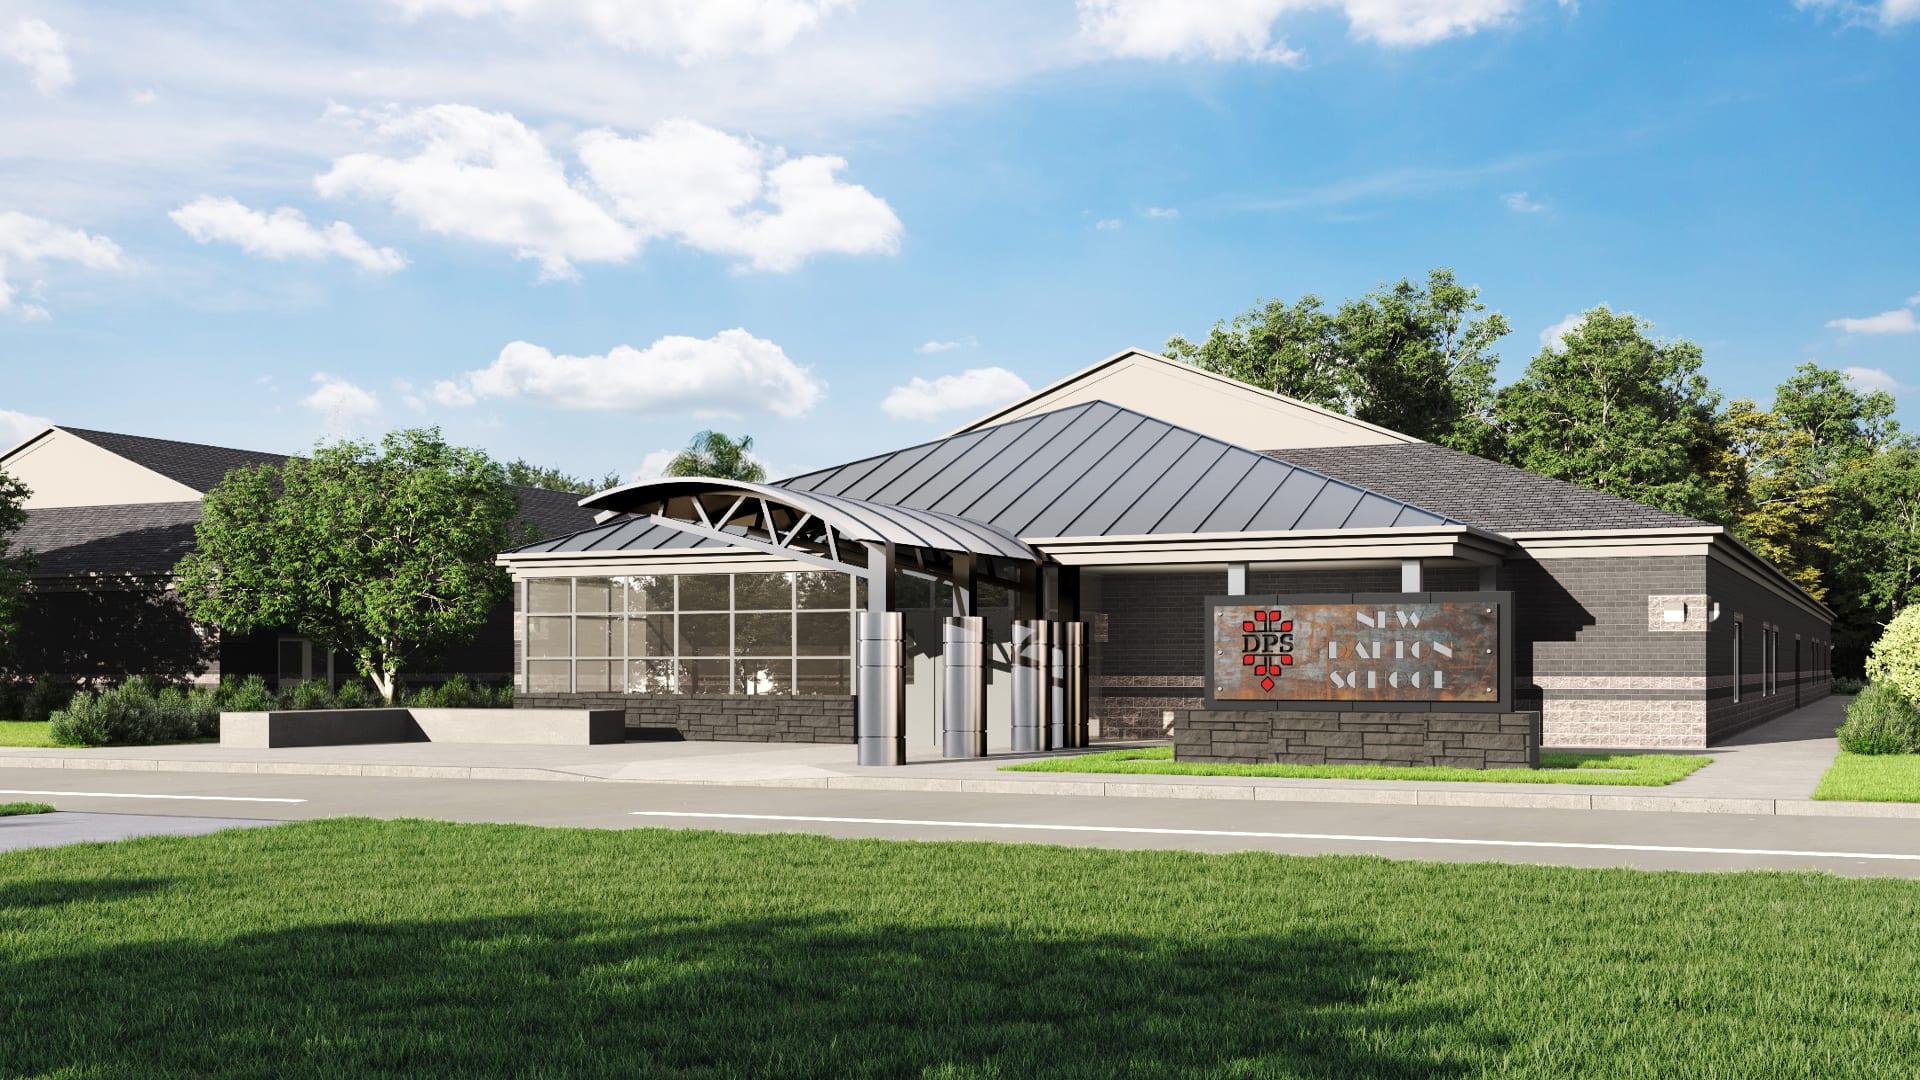 The Dalton Academy exterior